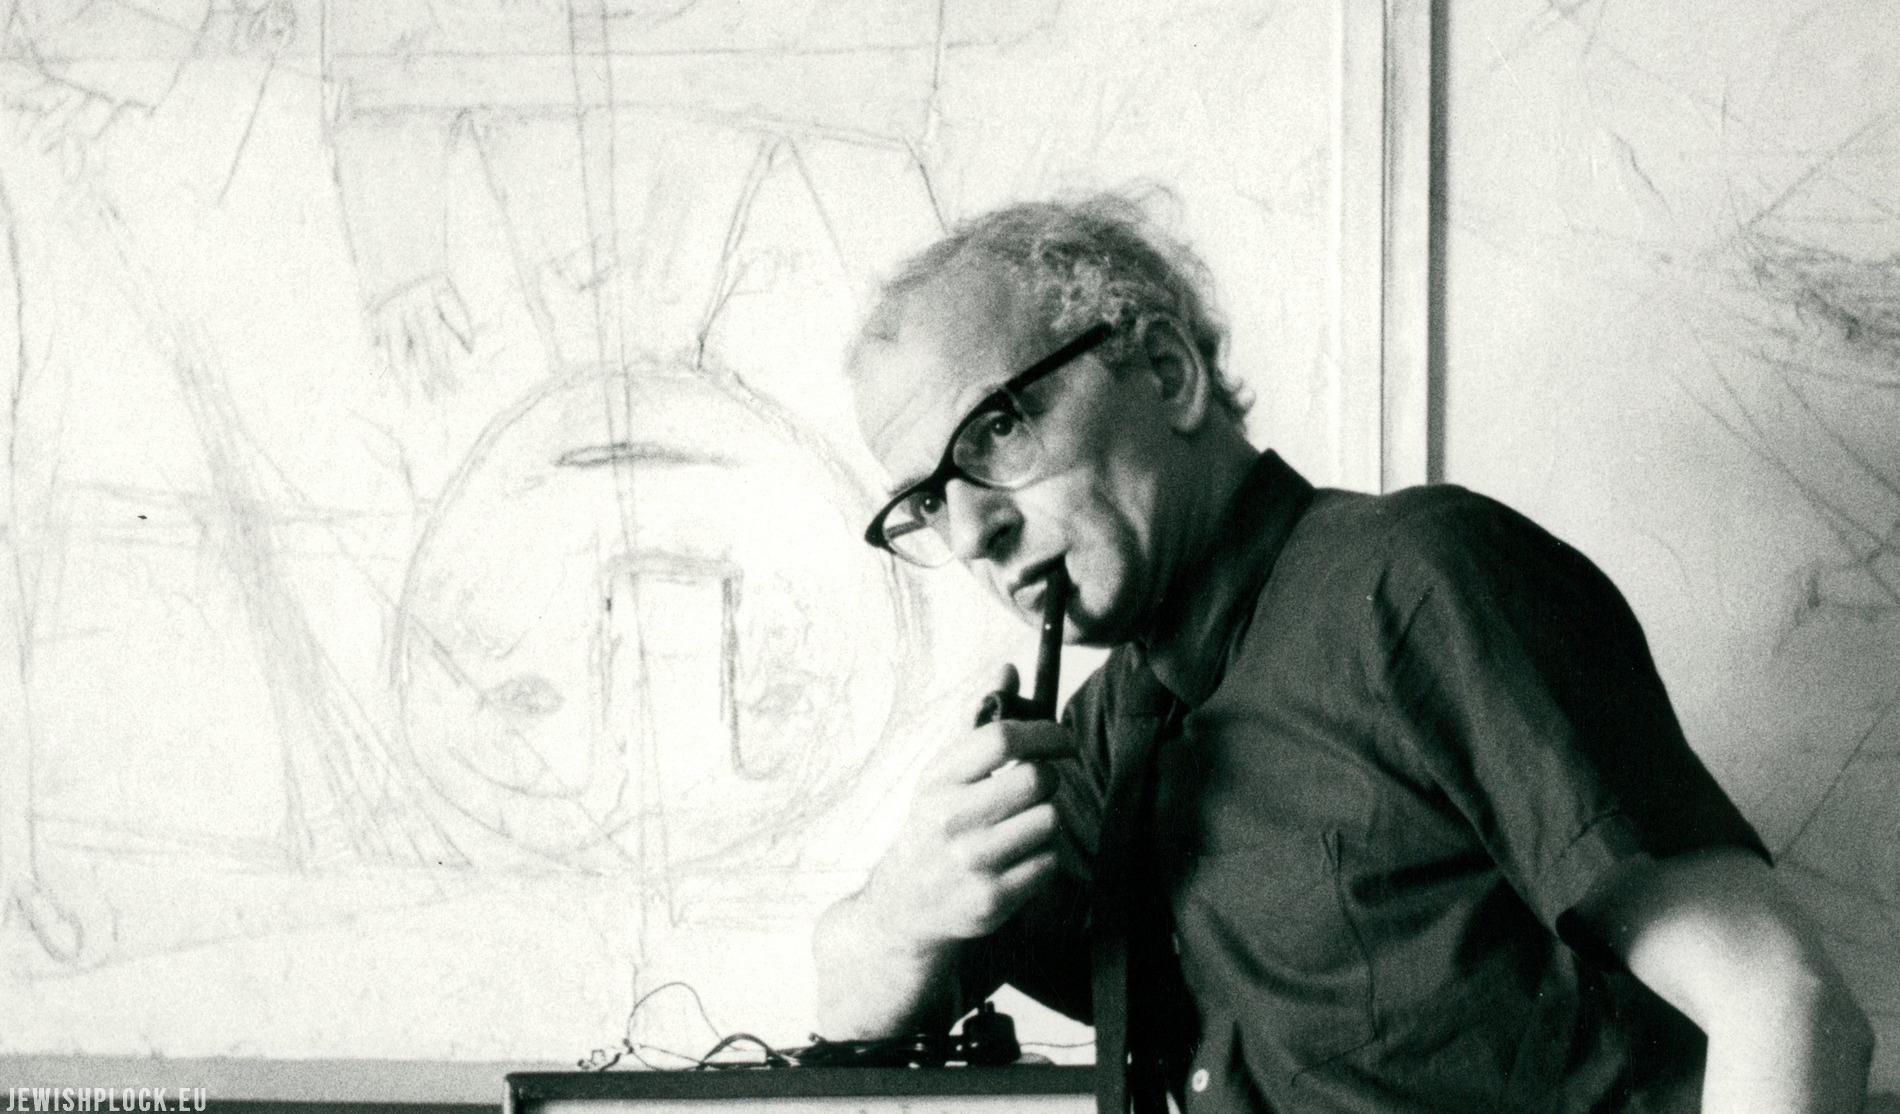 Stefan Themerson